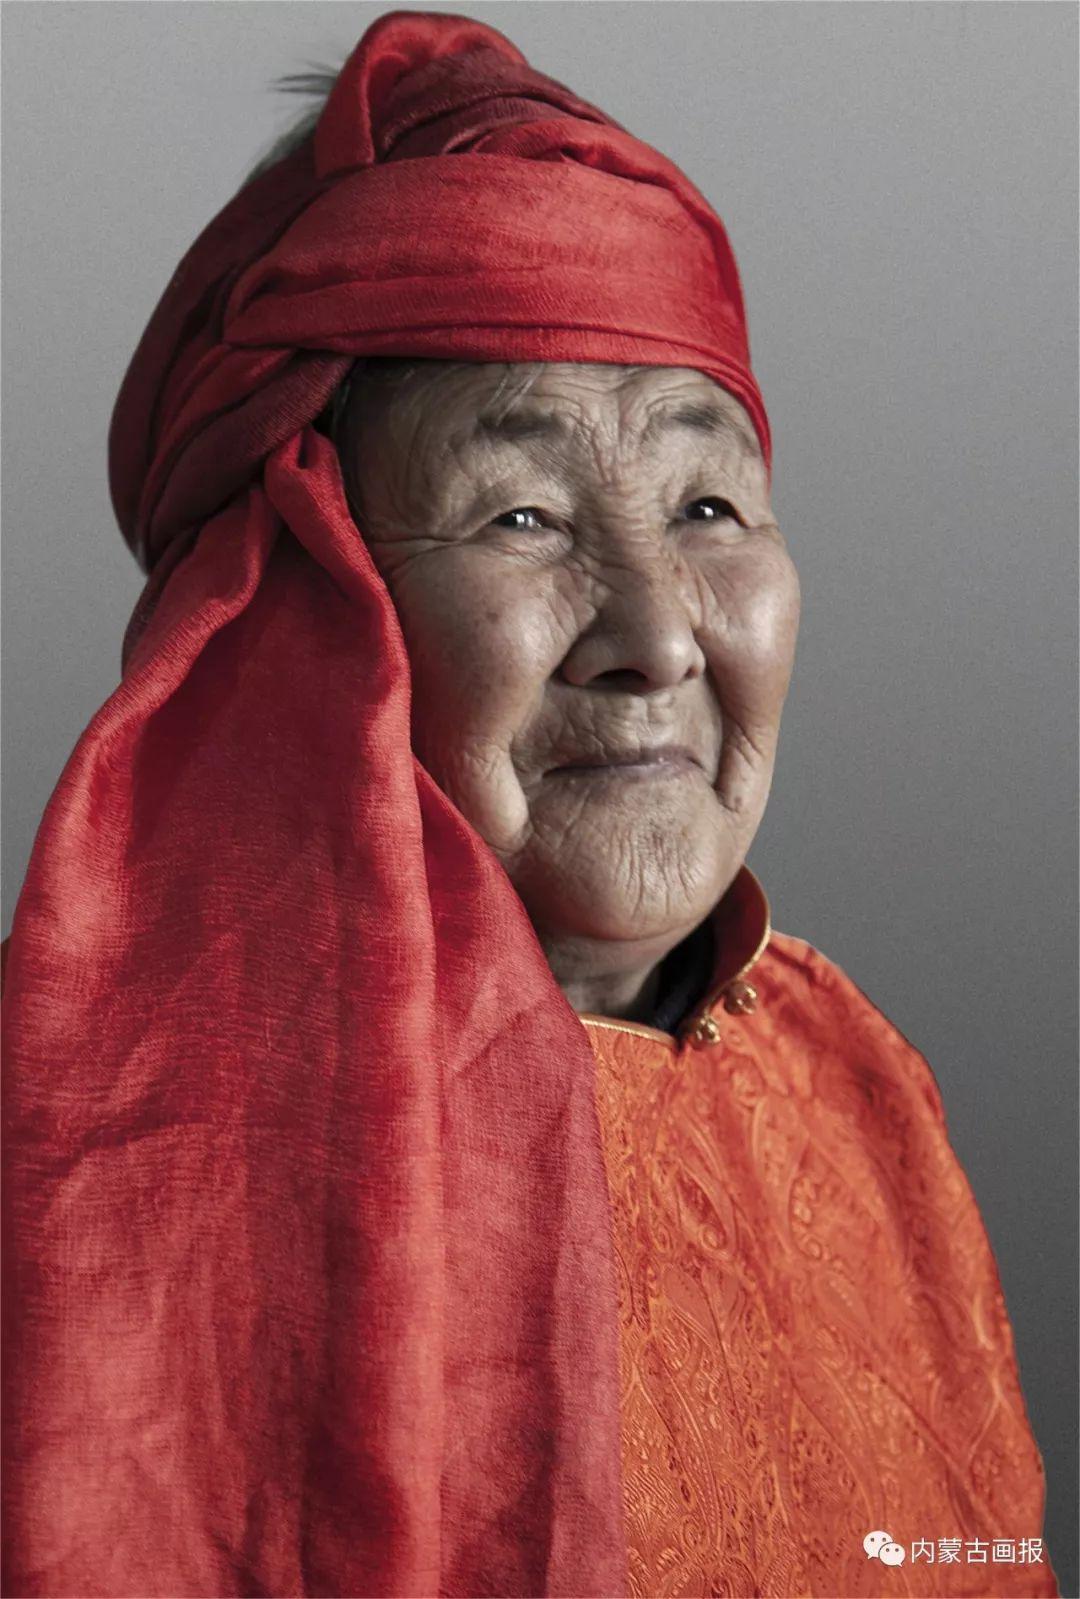 牧民的小年 第1张 牧民的小年 蒙古文化